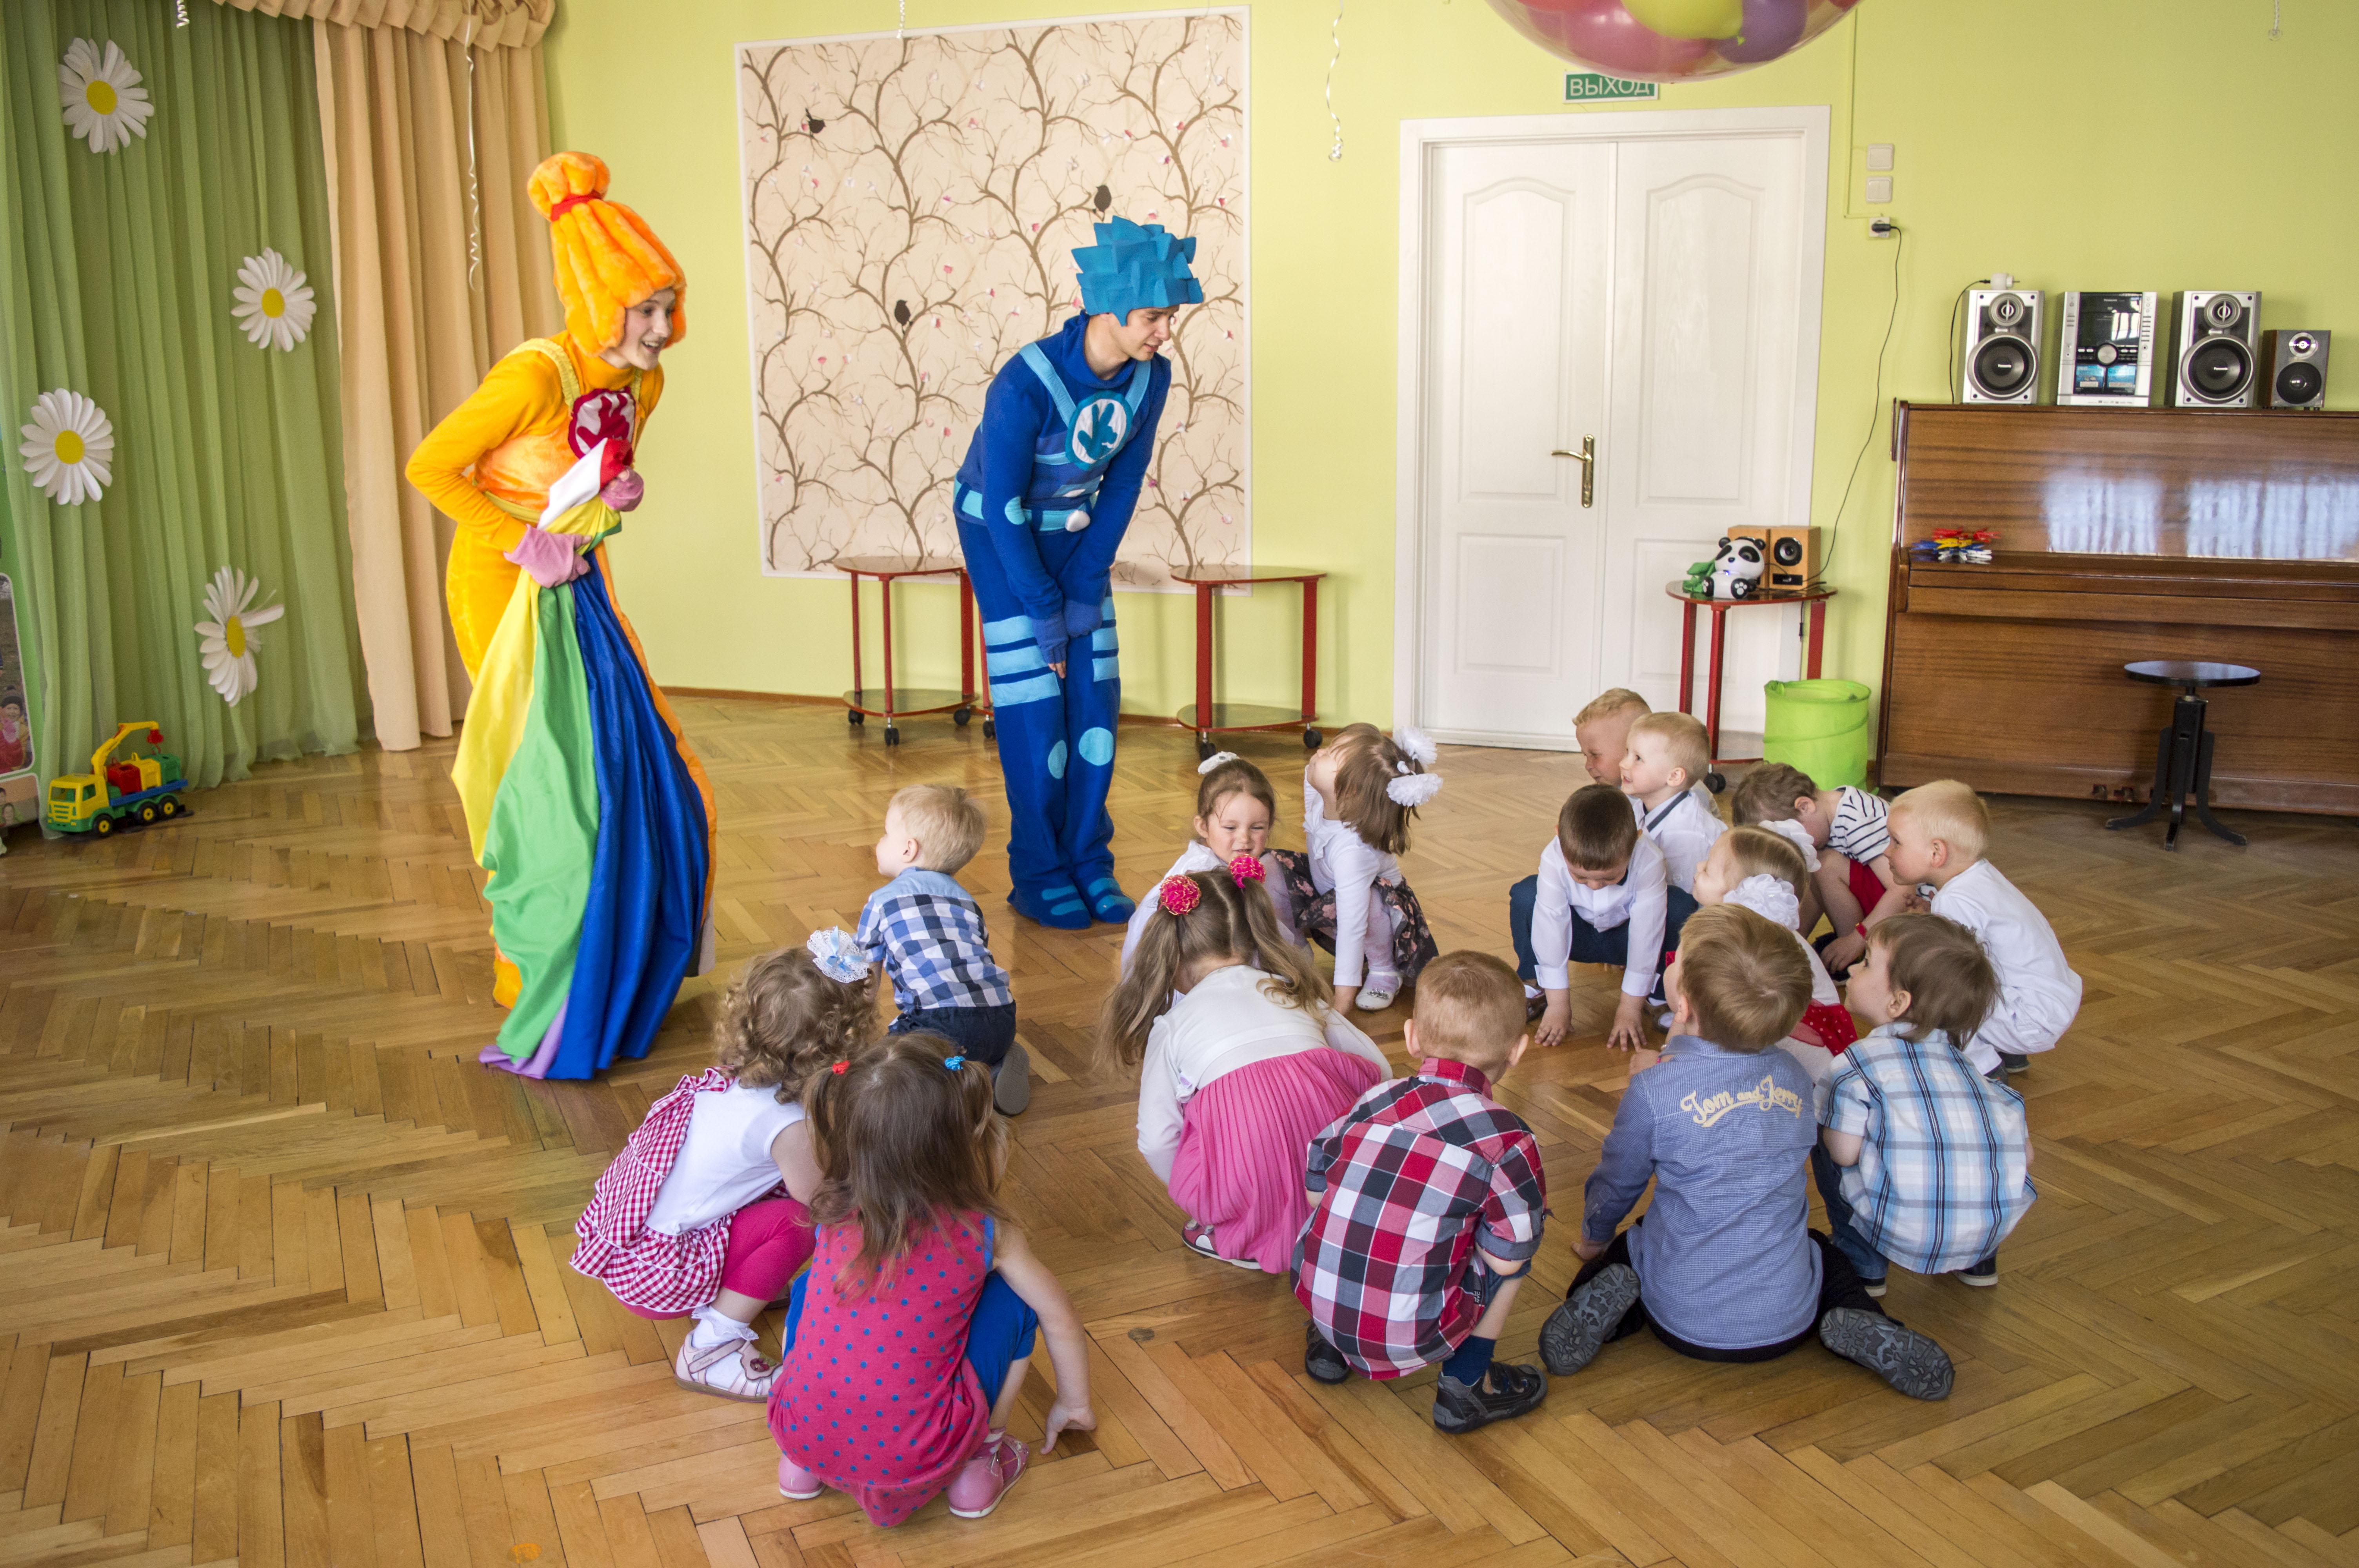 Клоуны, аниматоры, научное шоу на детский праздник от 20 руб.